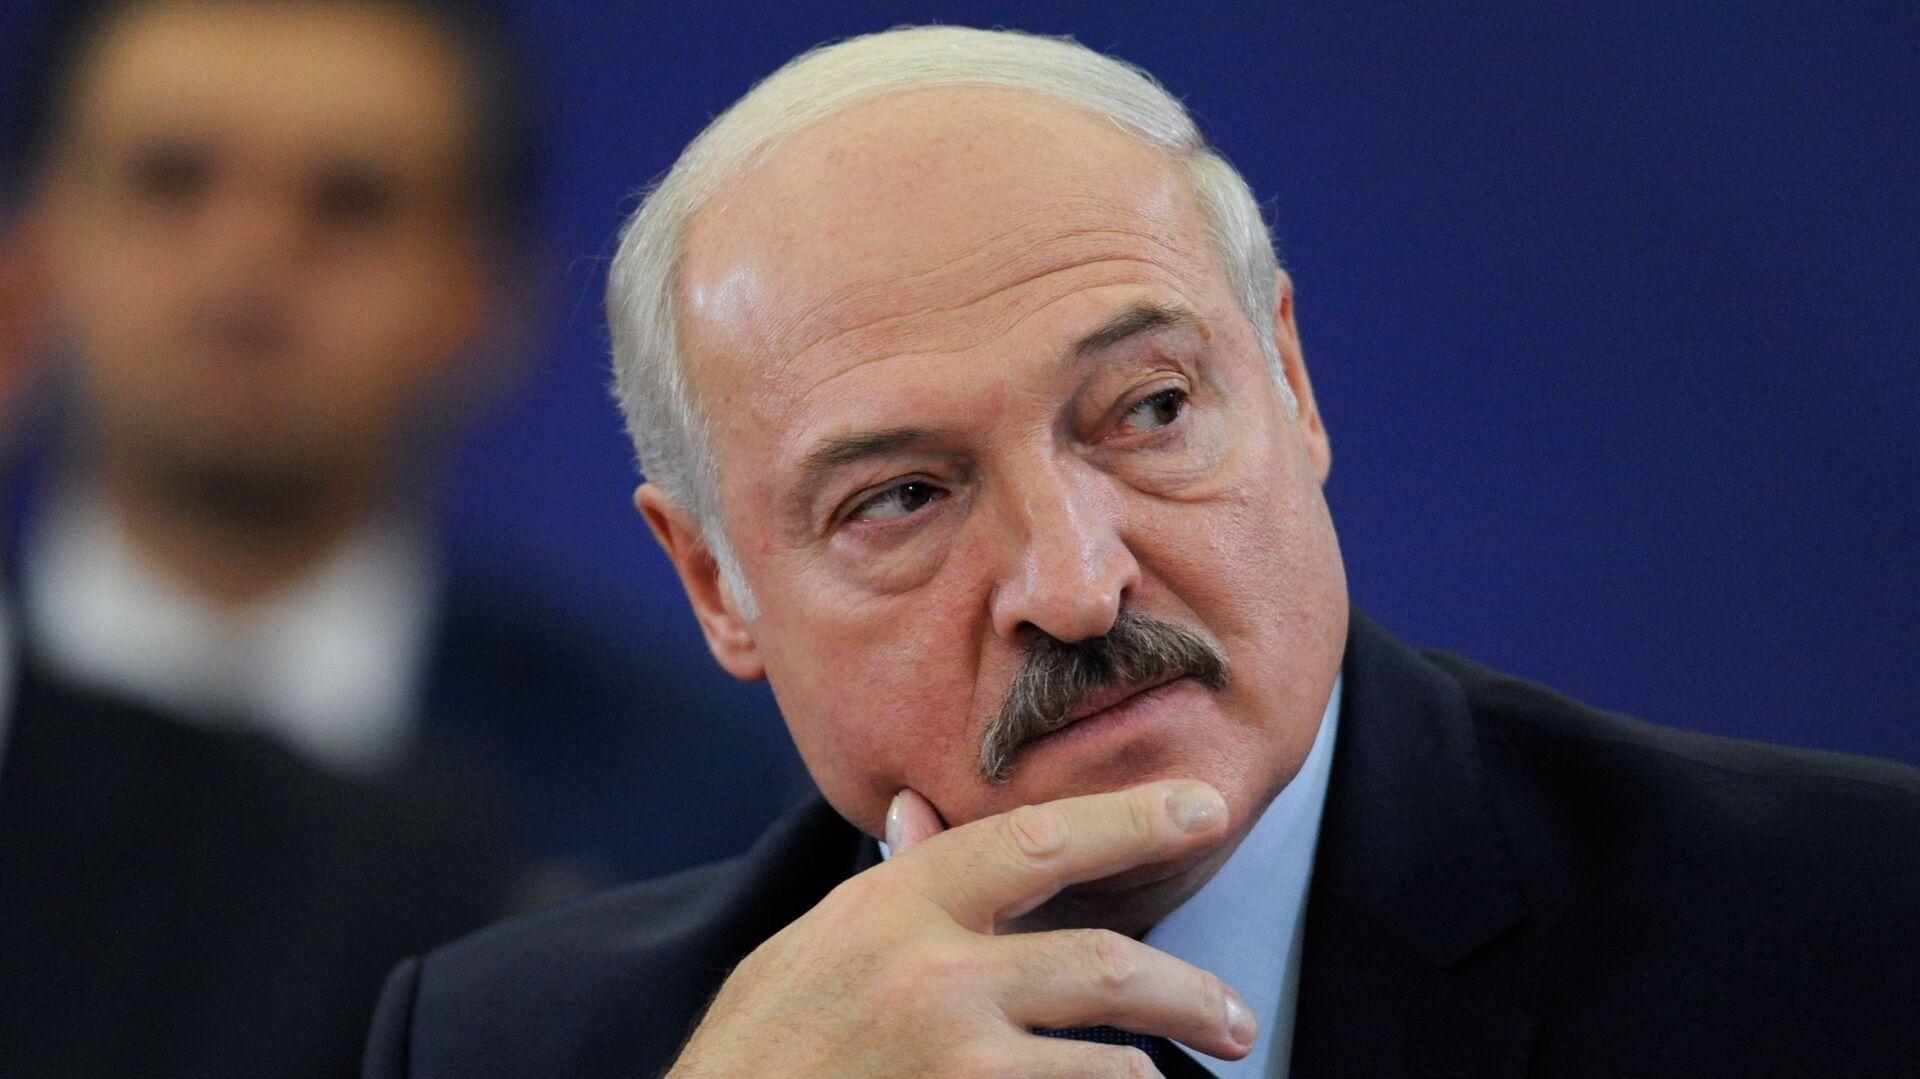 Alexandr Lukashenko, el presidente de Bielorrusia - Sputnik Mundo, 1920, 19.06.2021